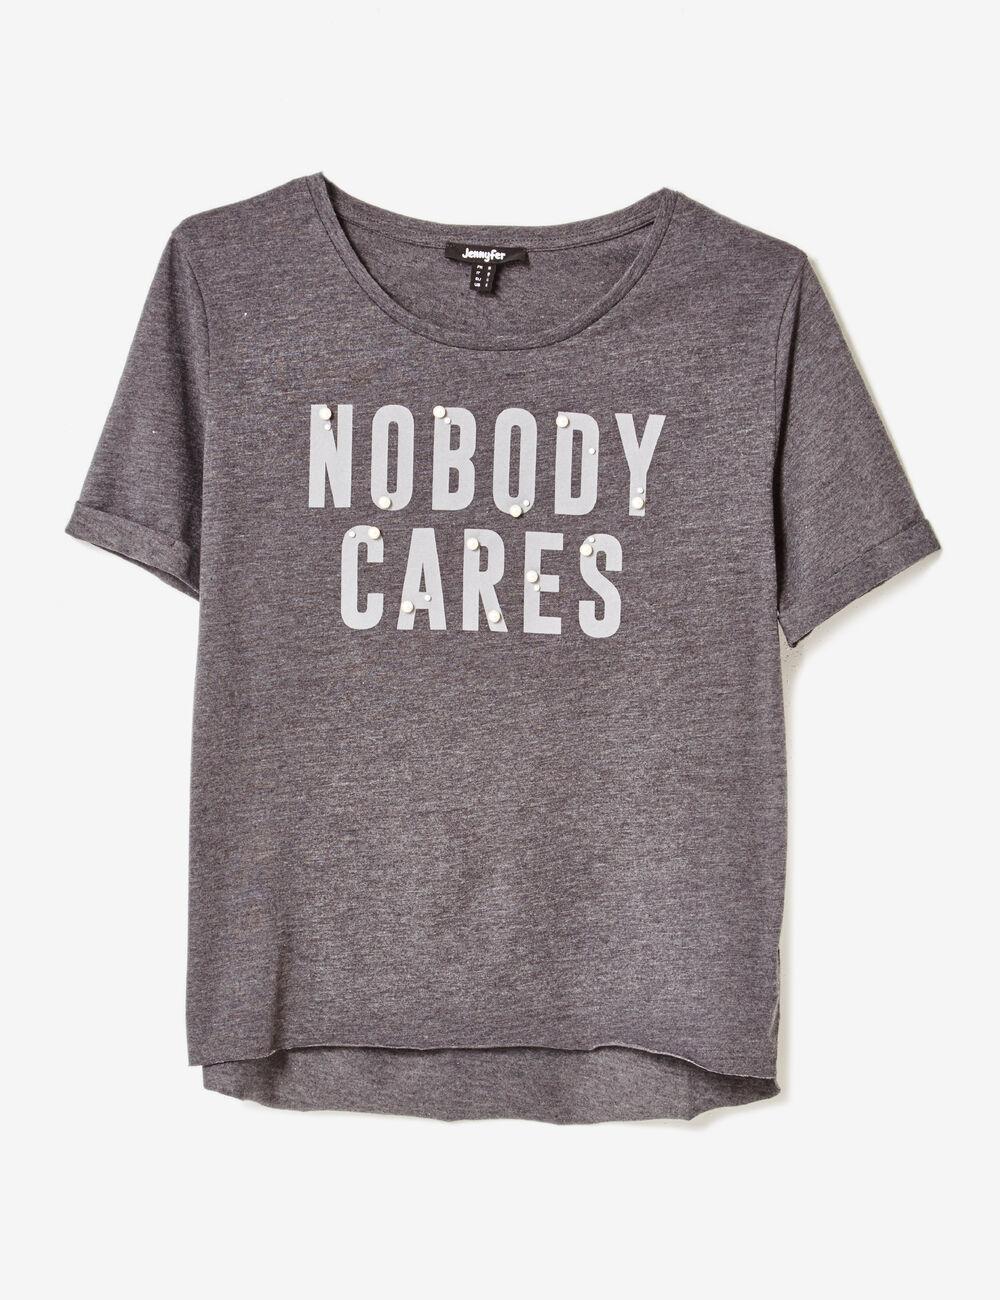 tee shirt message gris anthracite chin femme jennyfer. Black Bedroom Furniture Sets. Home Design Ideas